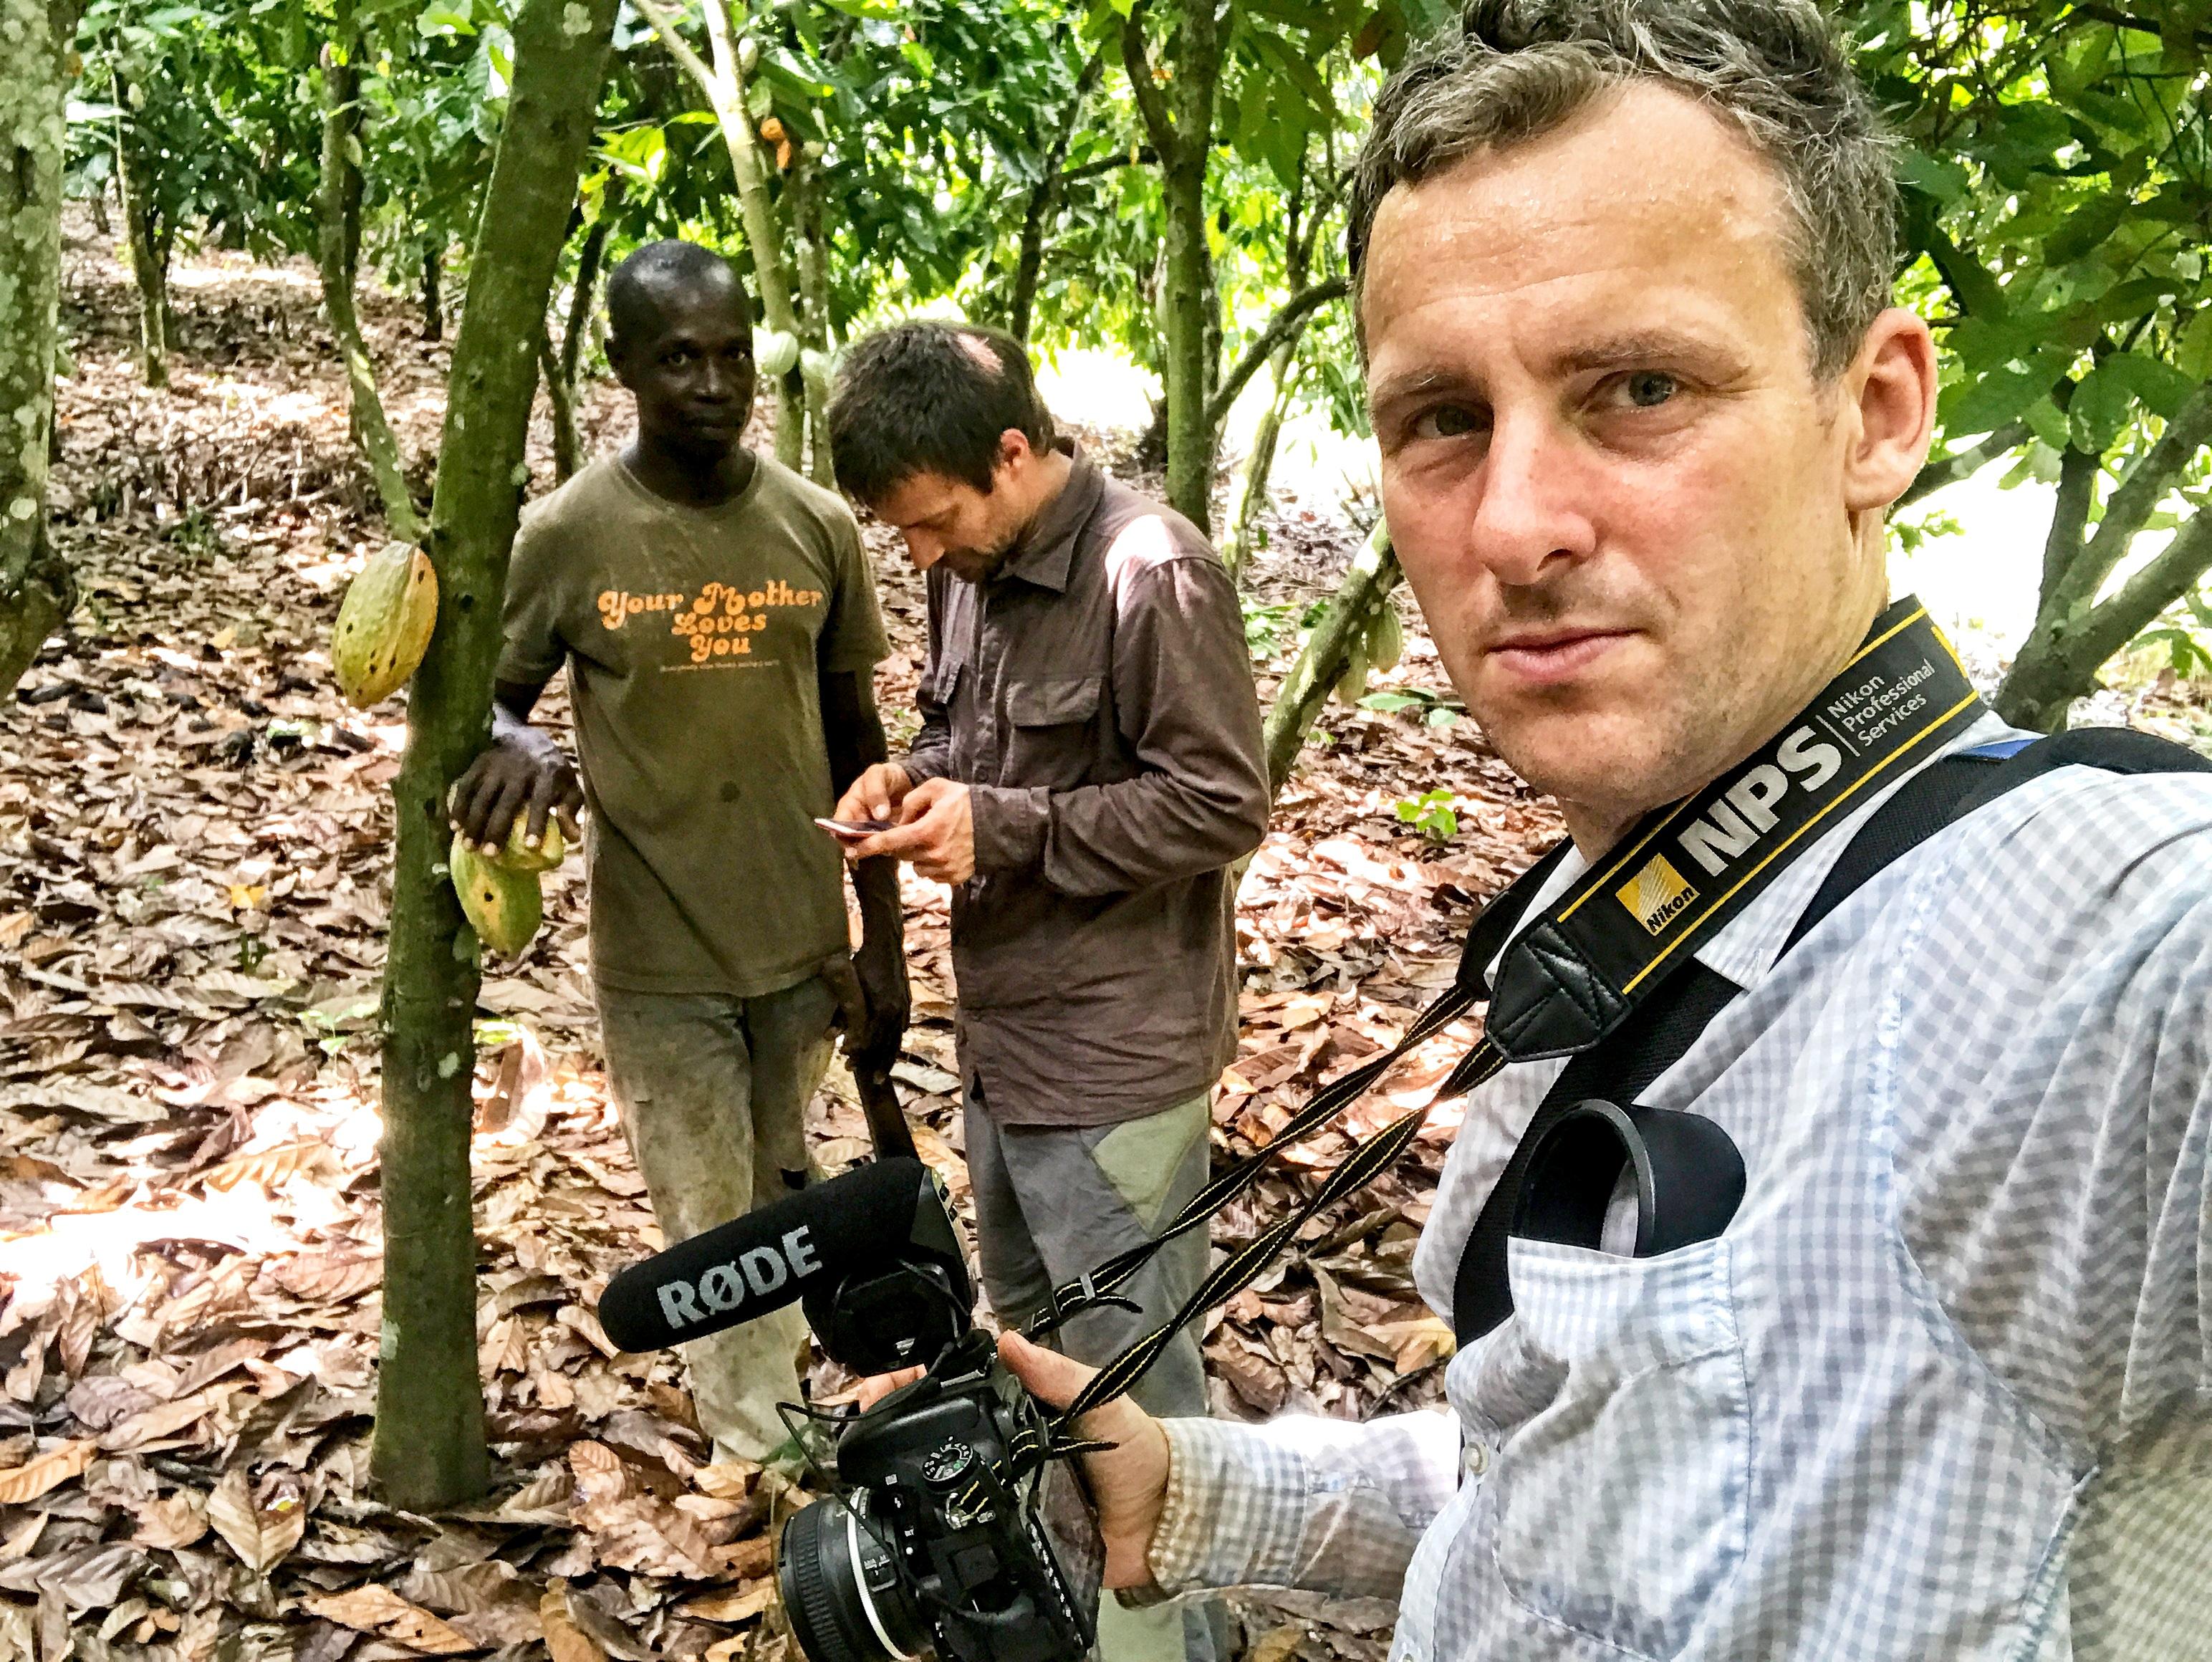 Dokumentace života pěstitelů kakaa